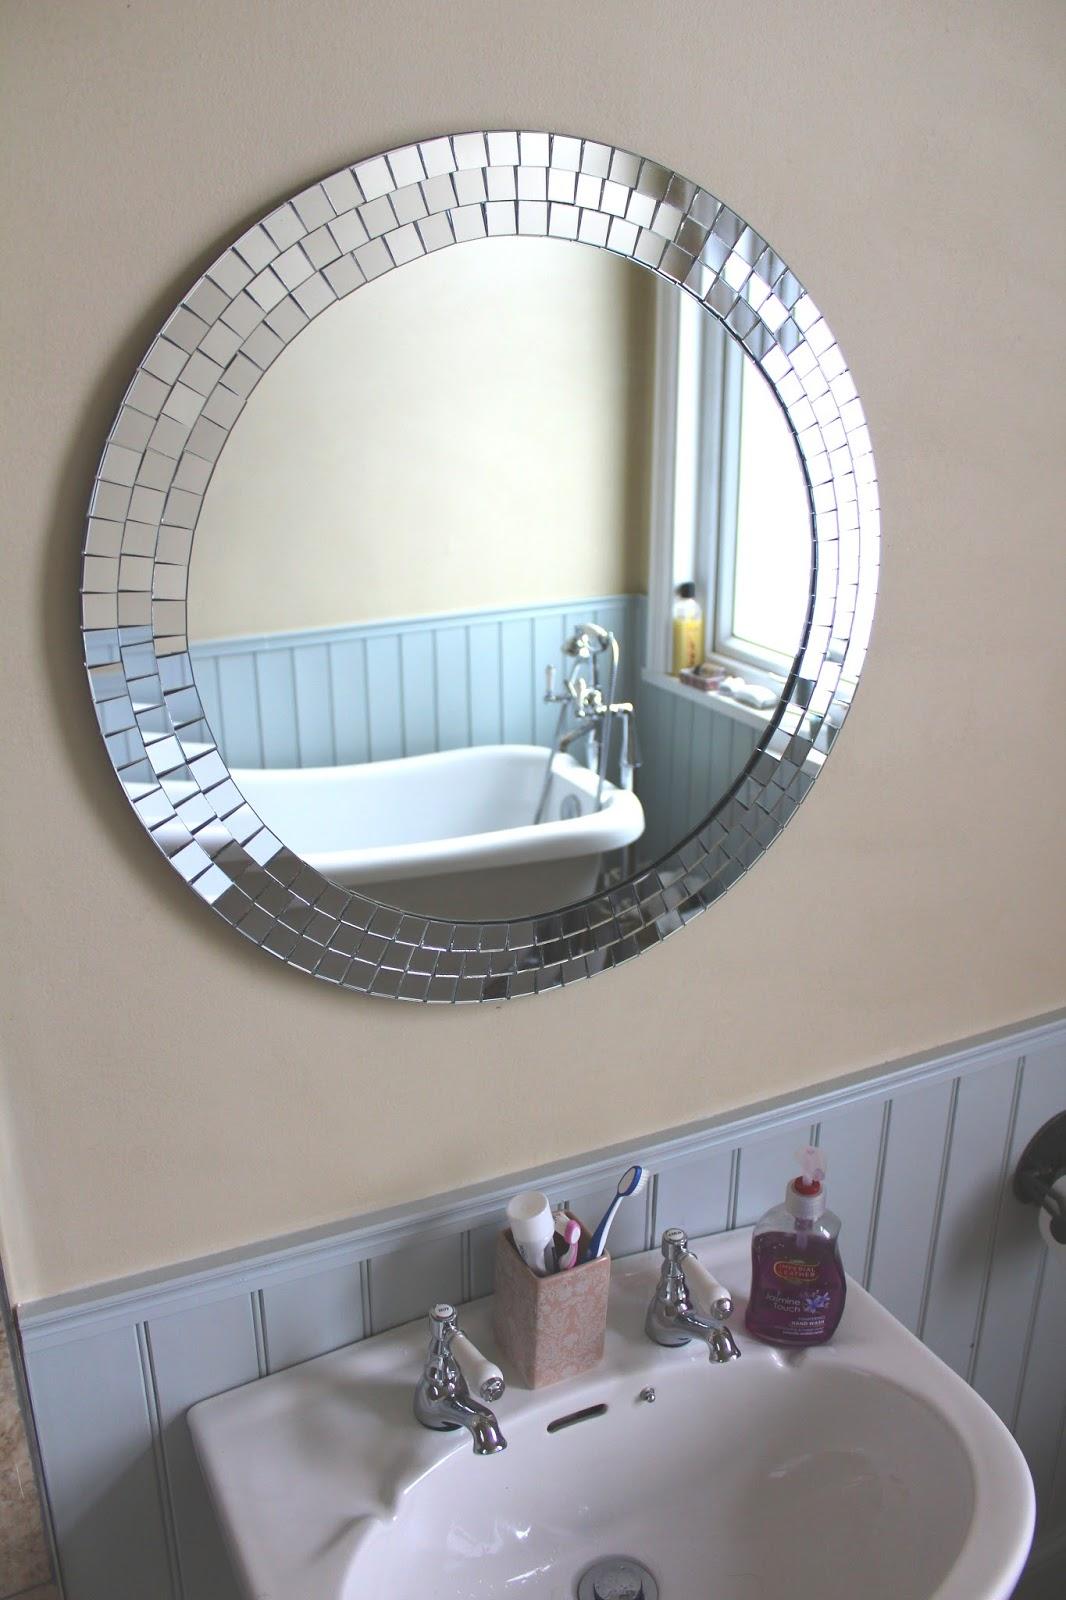 uk home renovation interiors and diy blog. Black Bedroom Furniture Sets. Home Design Ideas